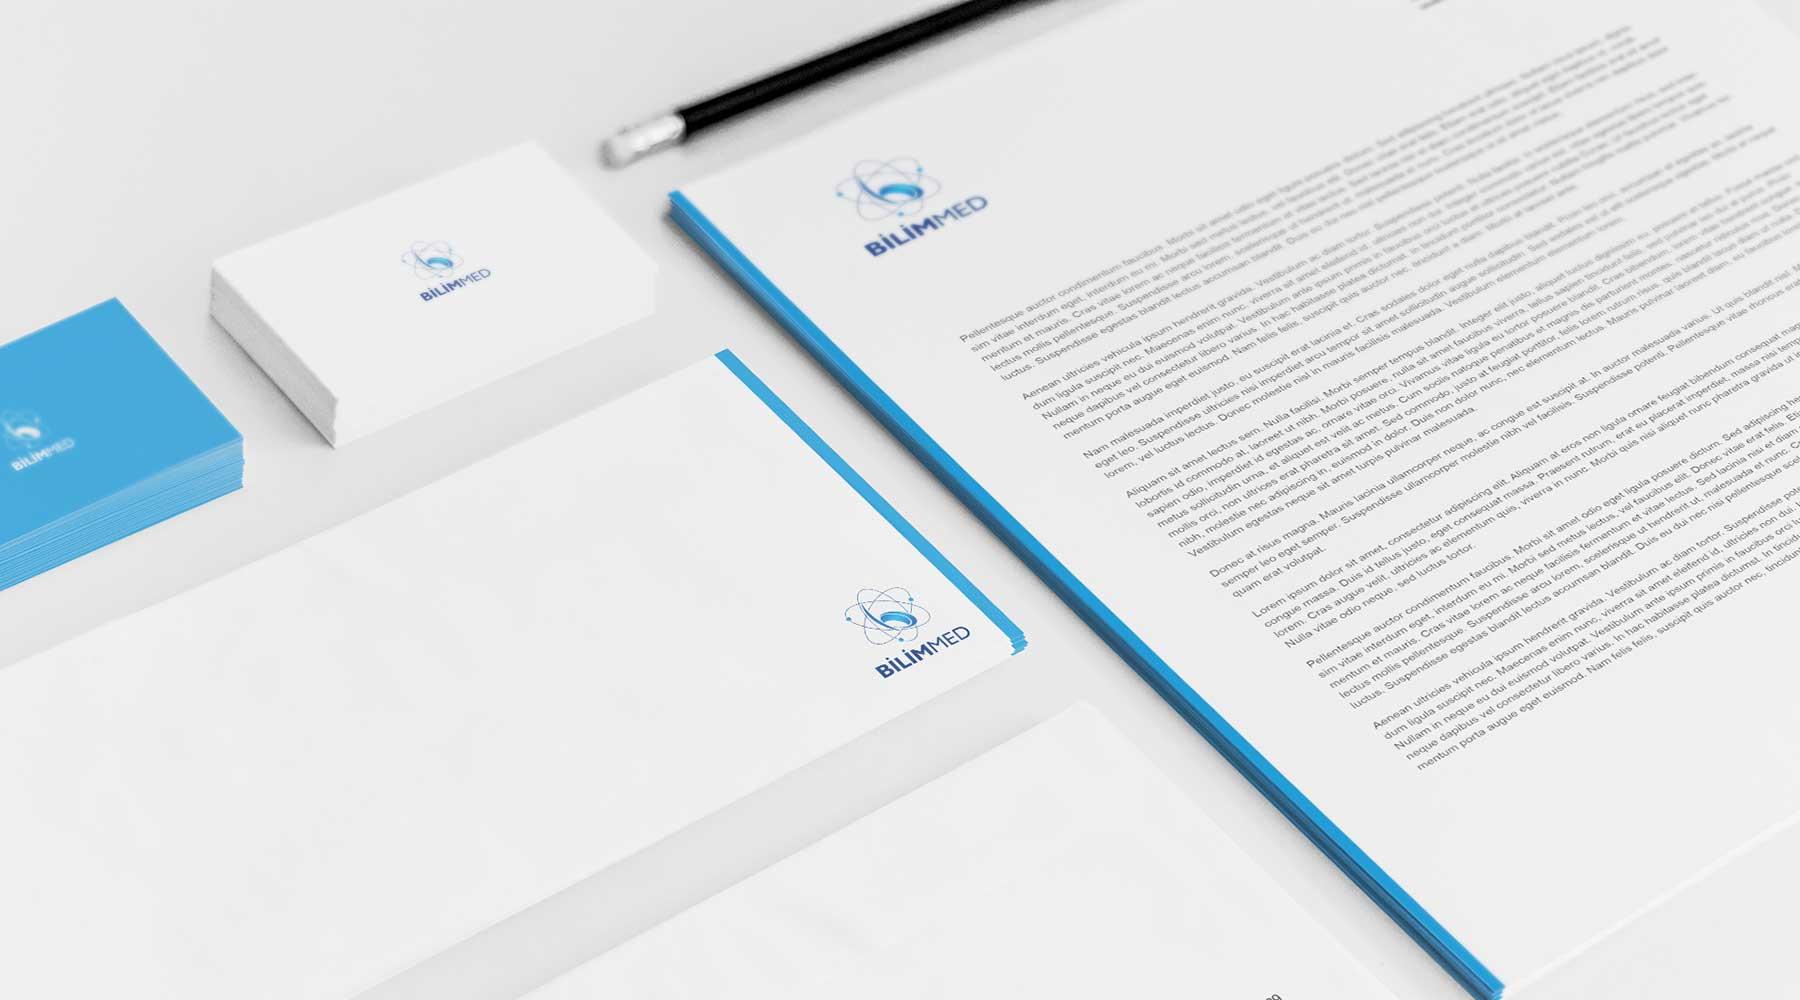 eskişehir kurumsal kimlik tasarımı reklam ajansı kurumsal kimlik eskişehir